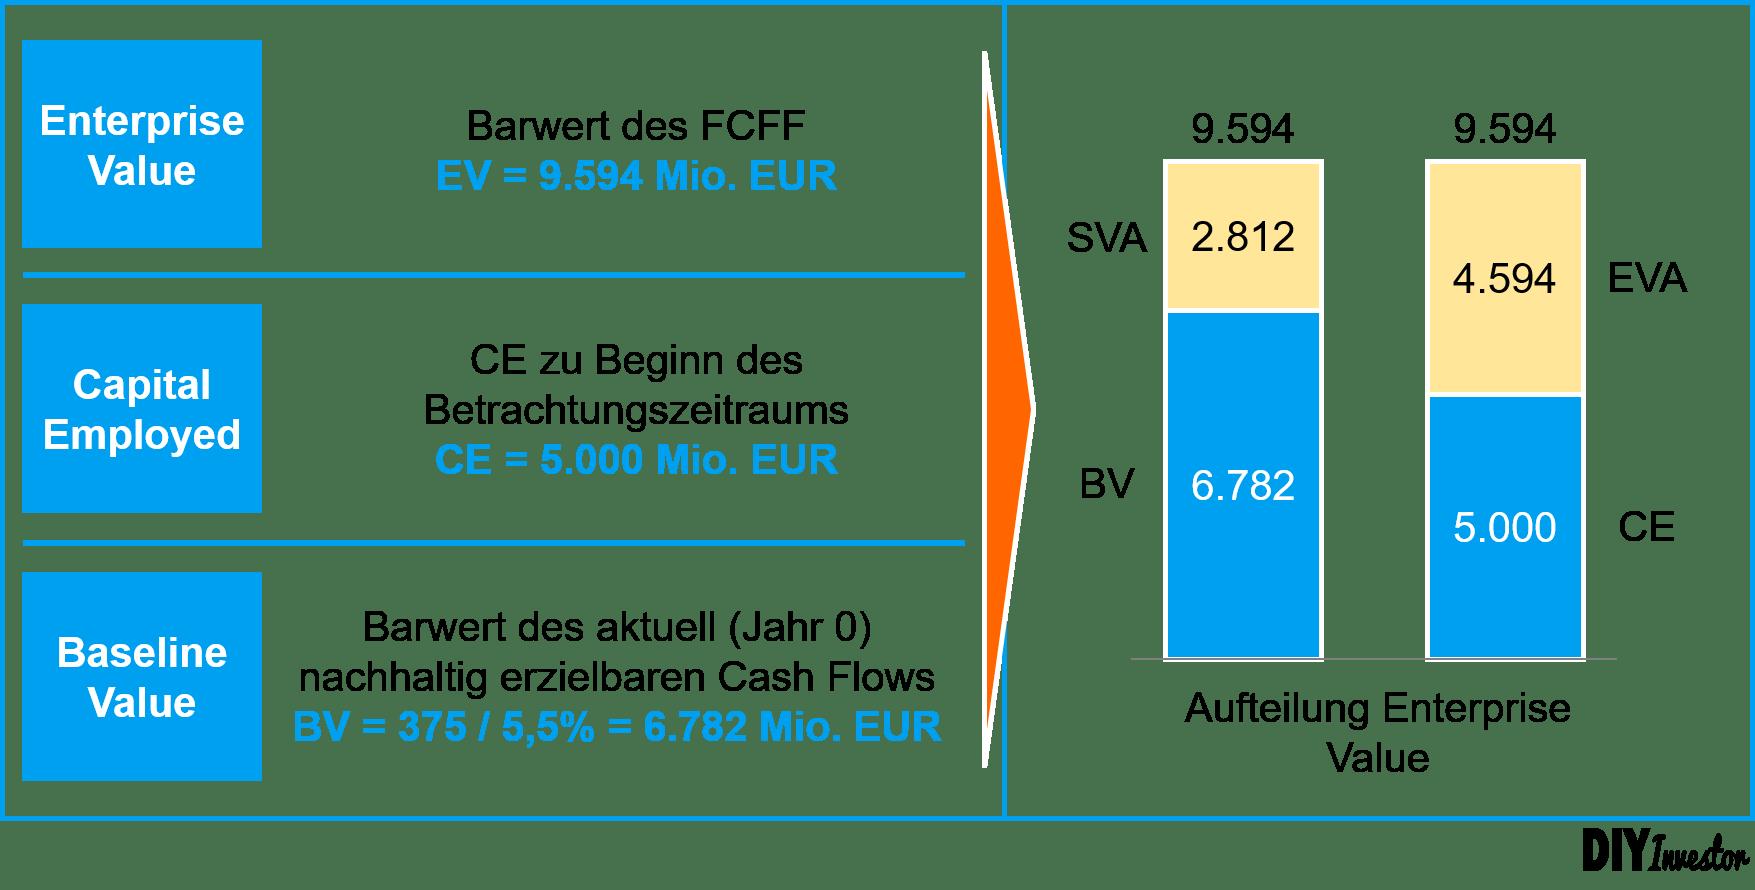 Value Creation: Vergleich Economic Value Added (EVA) und Shareholder Value Added (SVA)